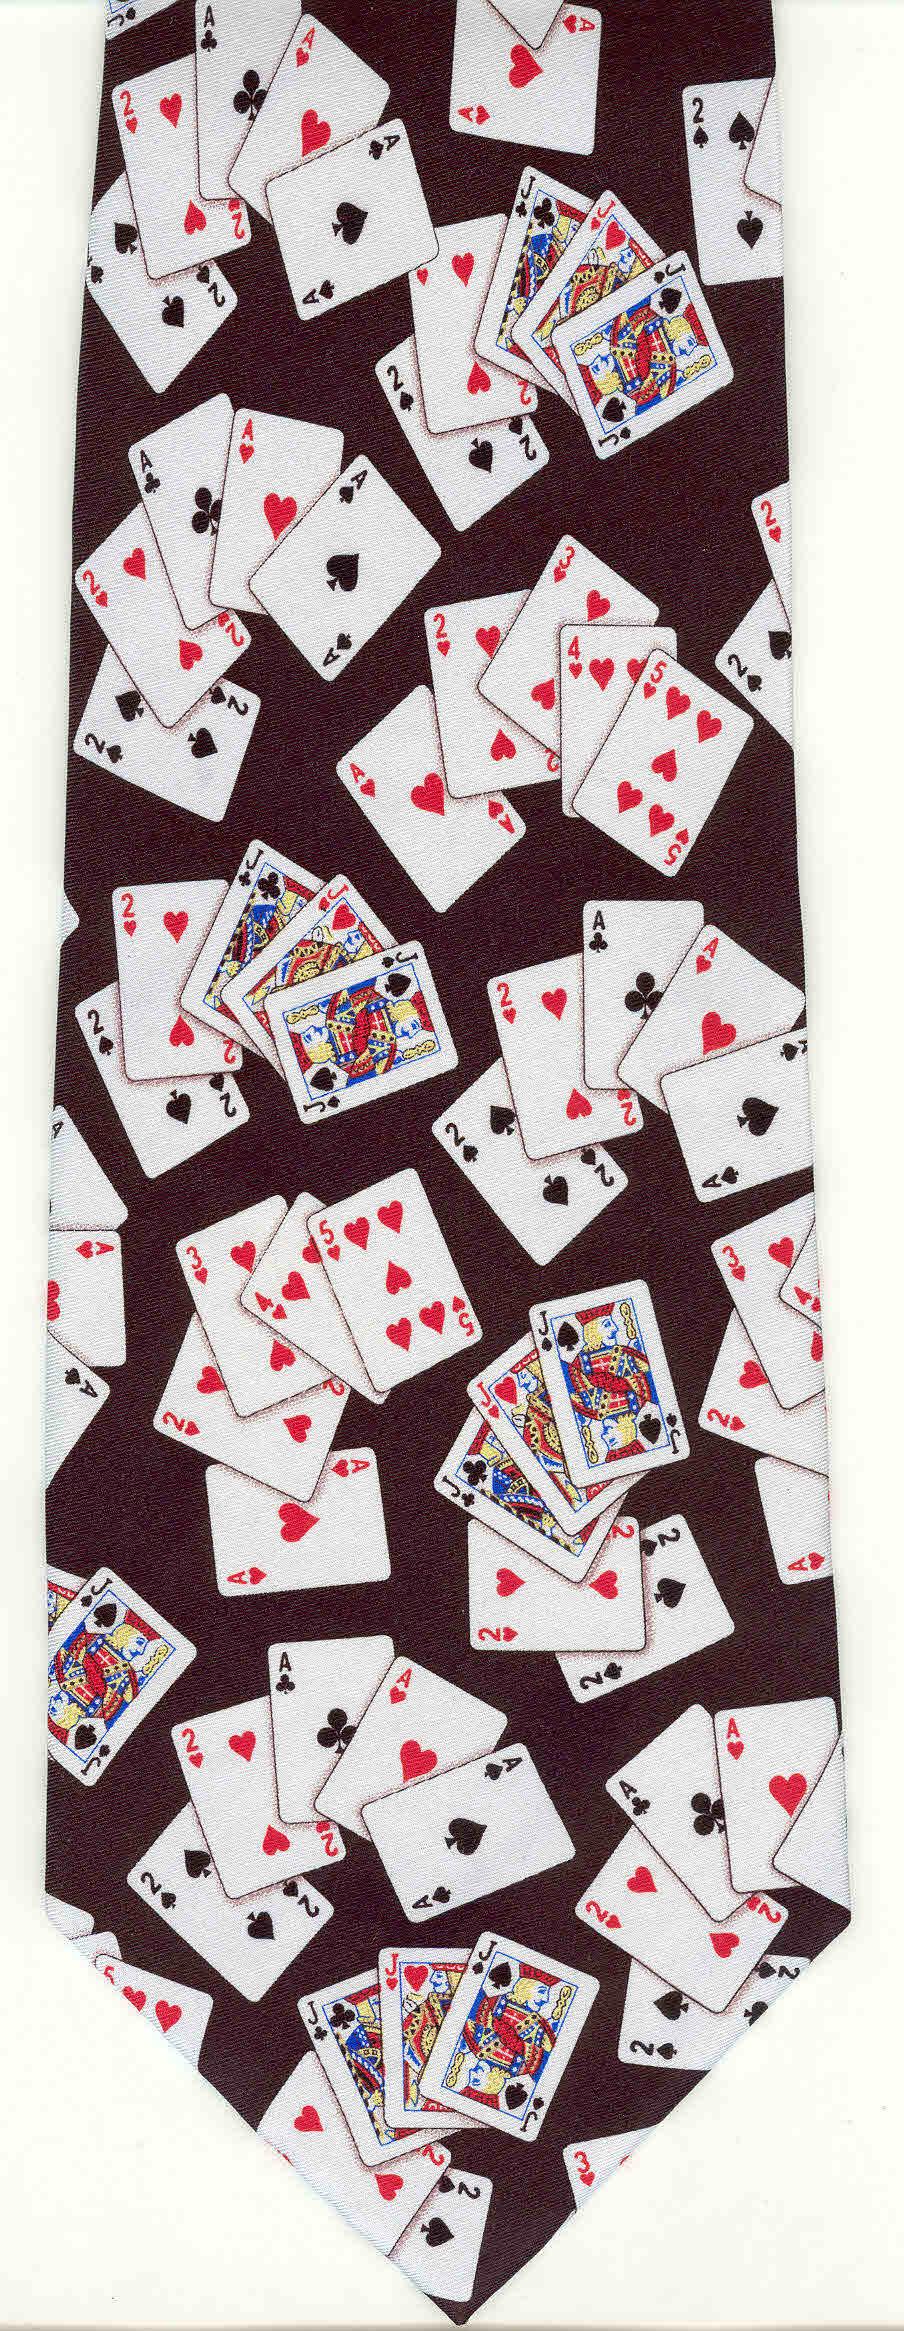 042 Poker Hands Diff (B).jpg